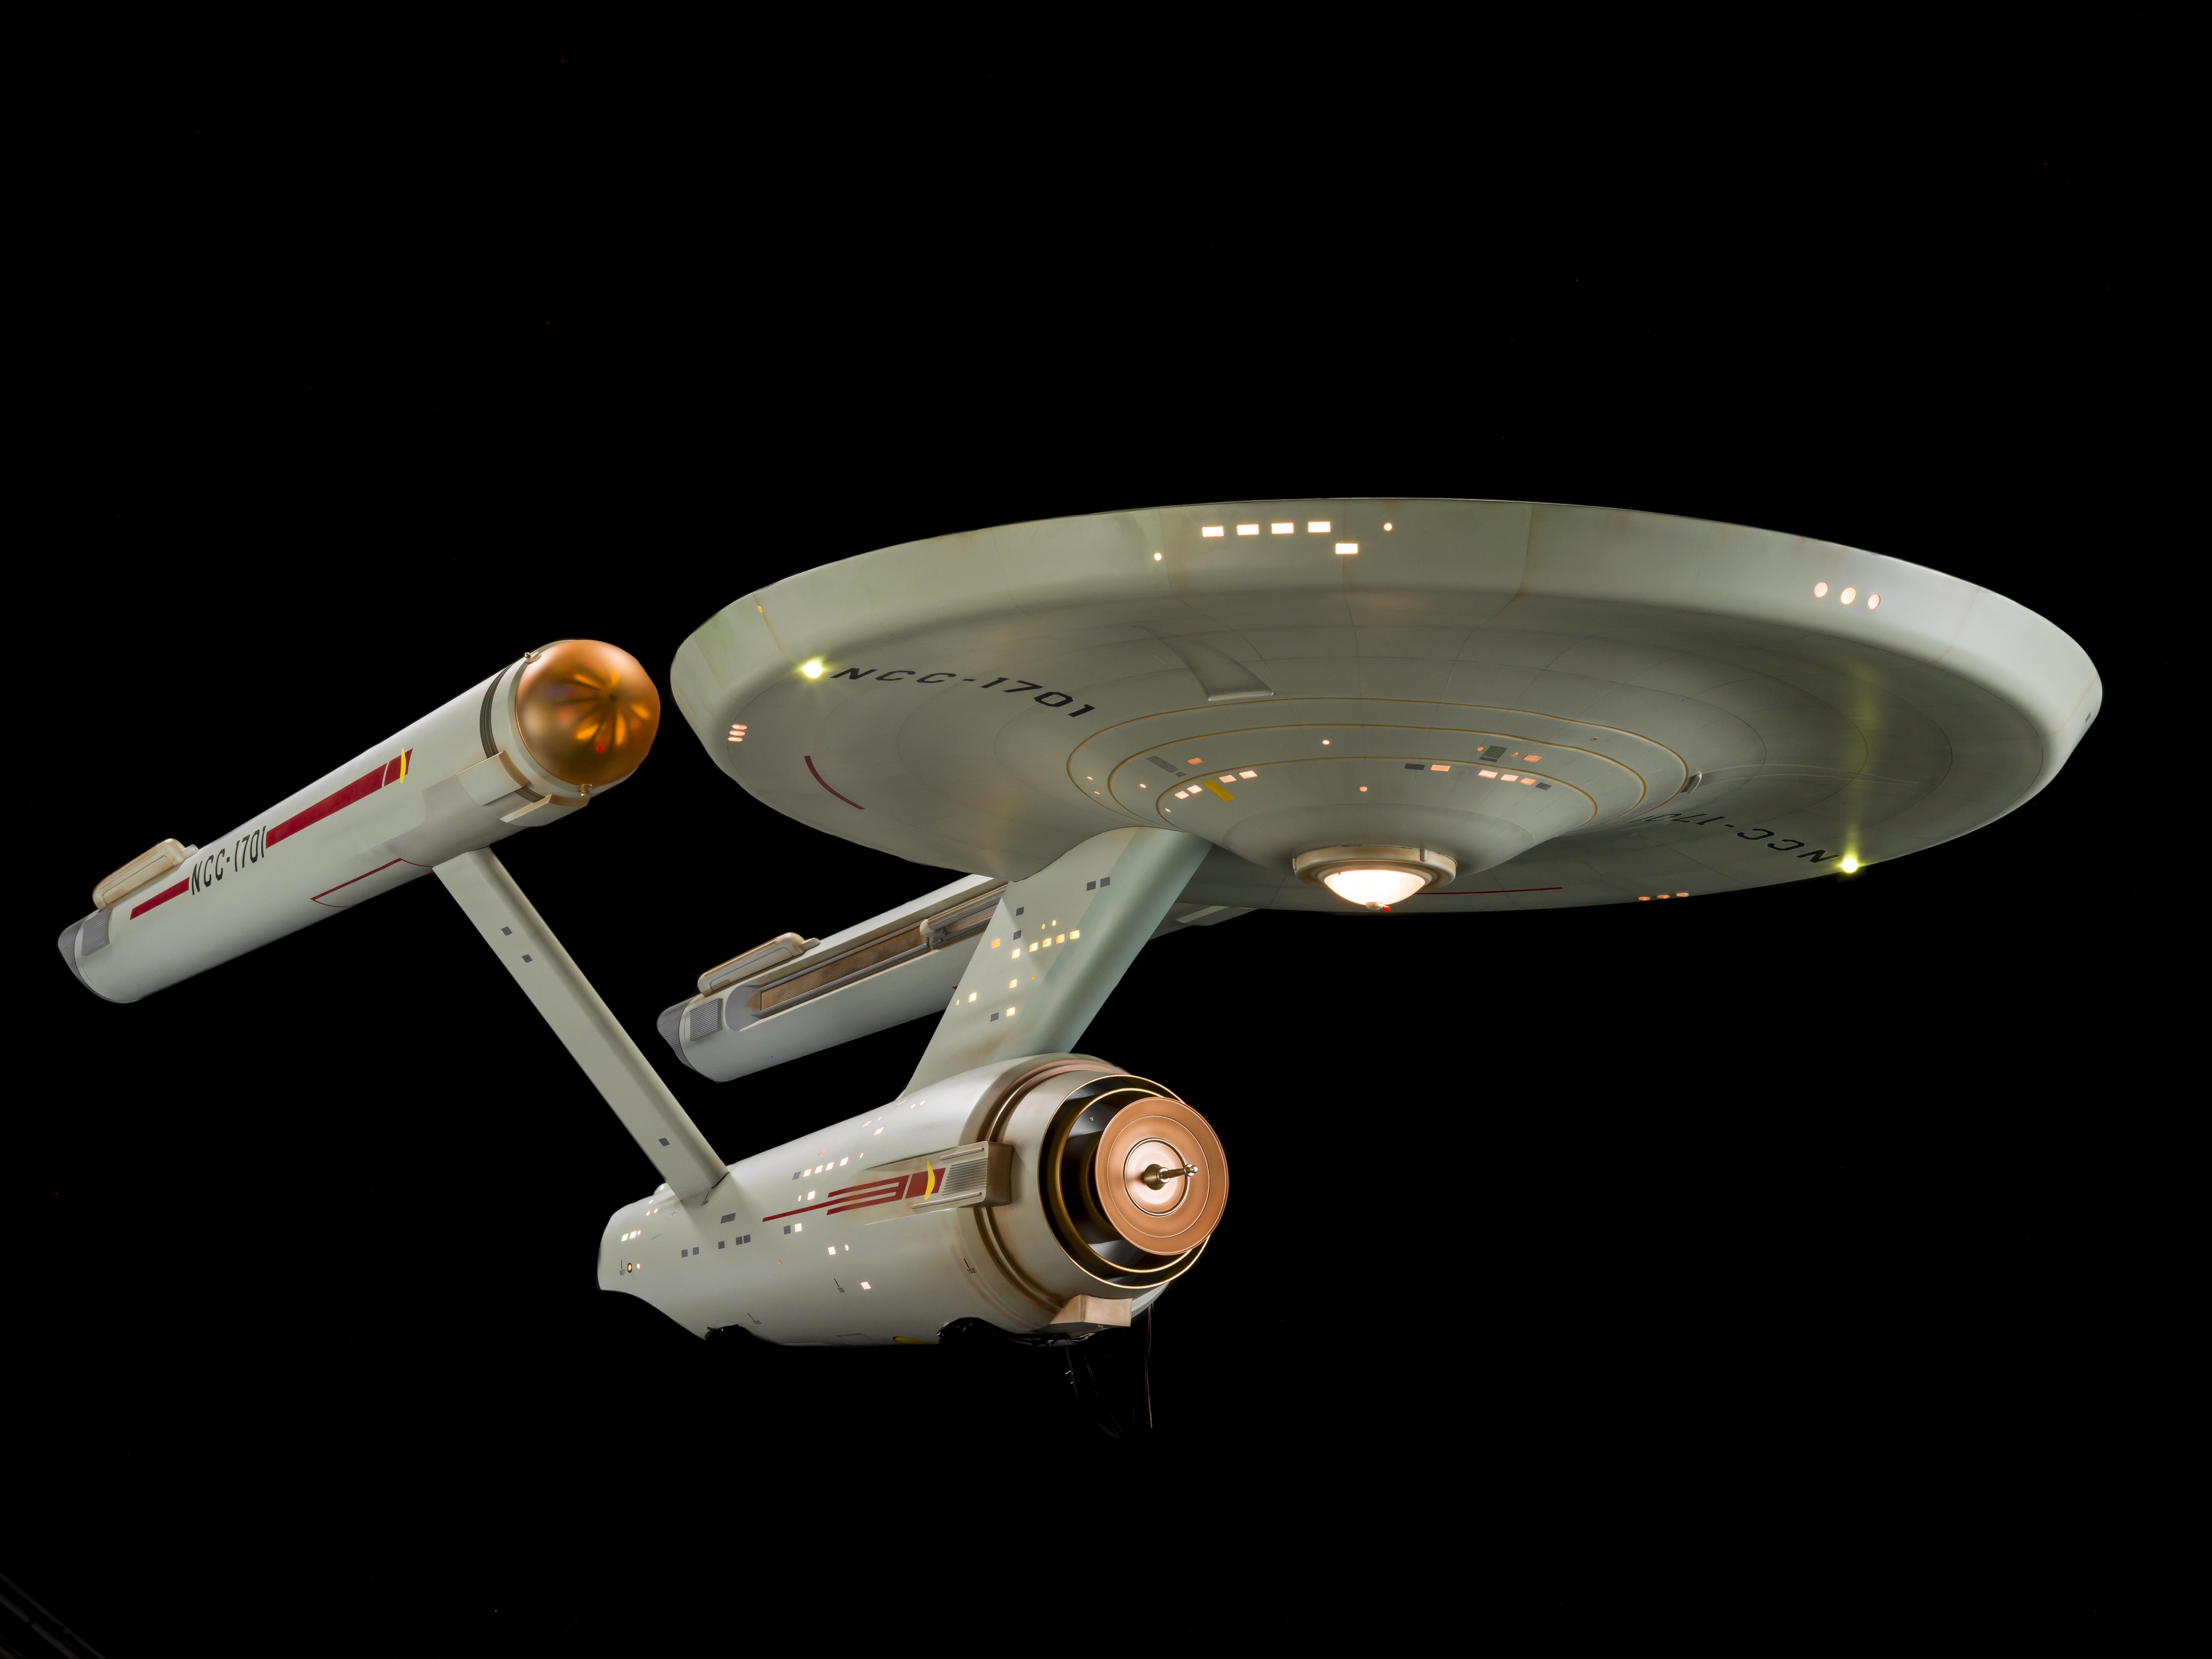 Star Trek Enterprise Model